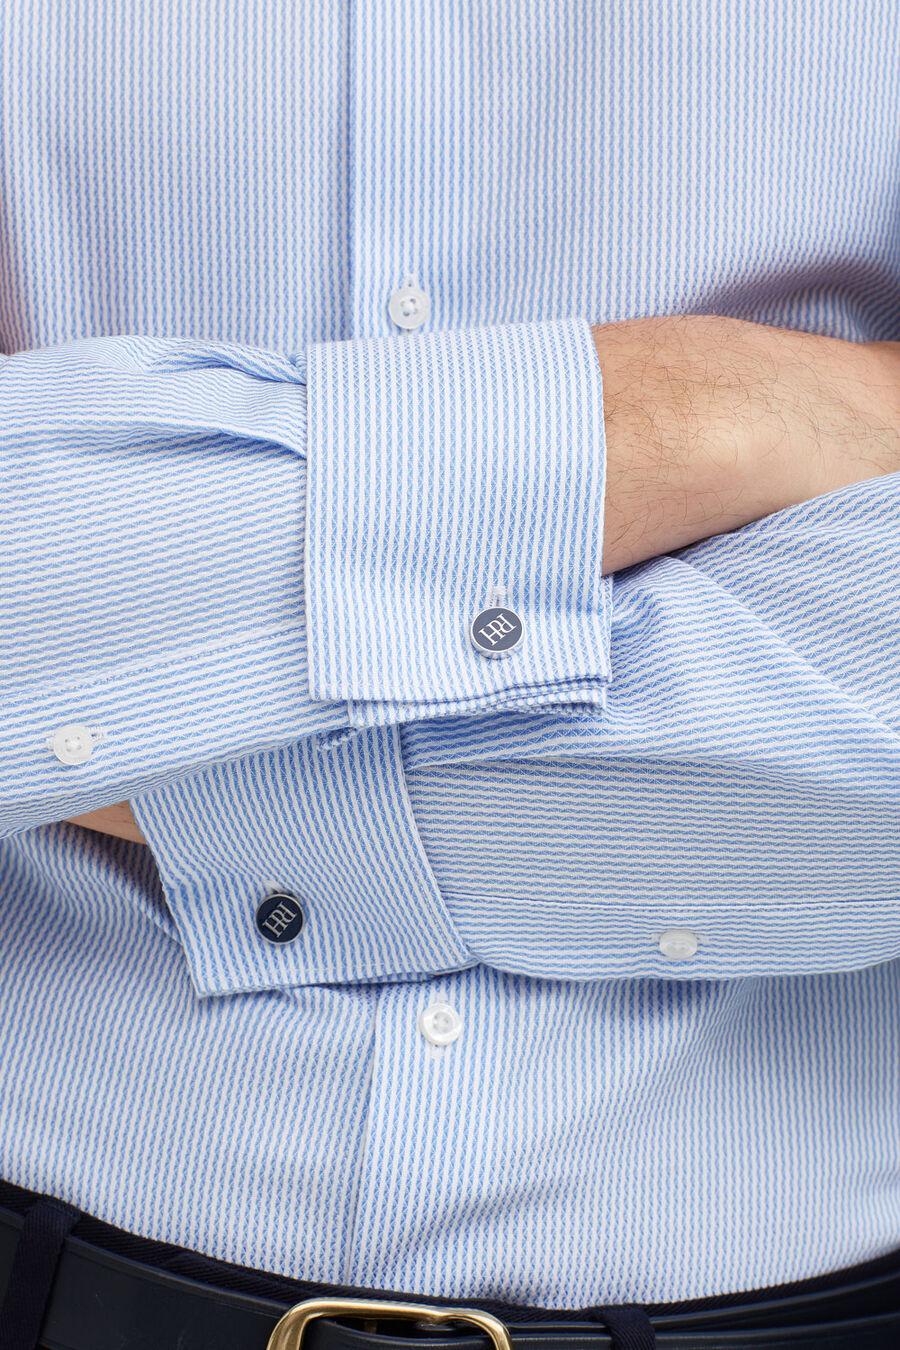 Non-iron formal shirt